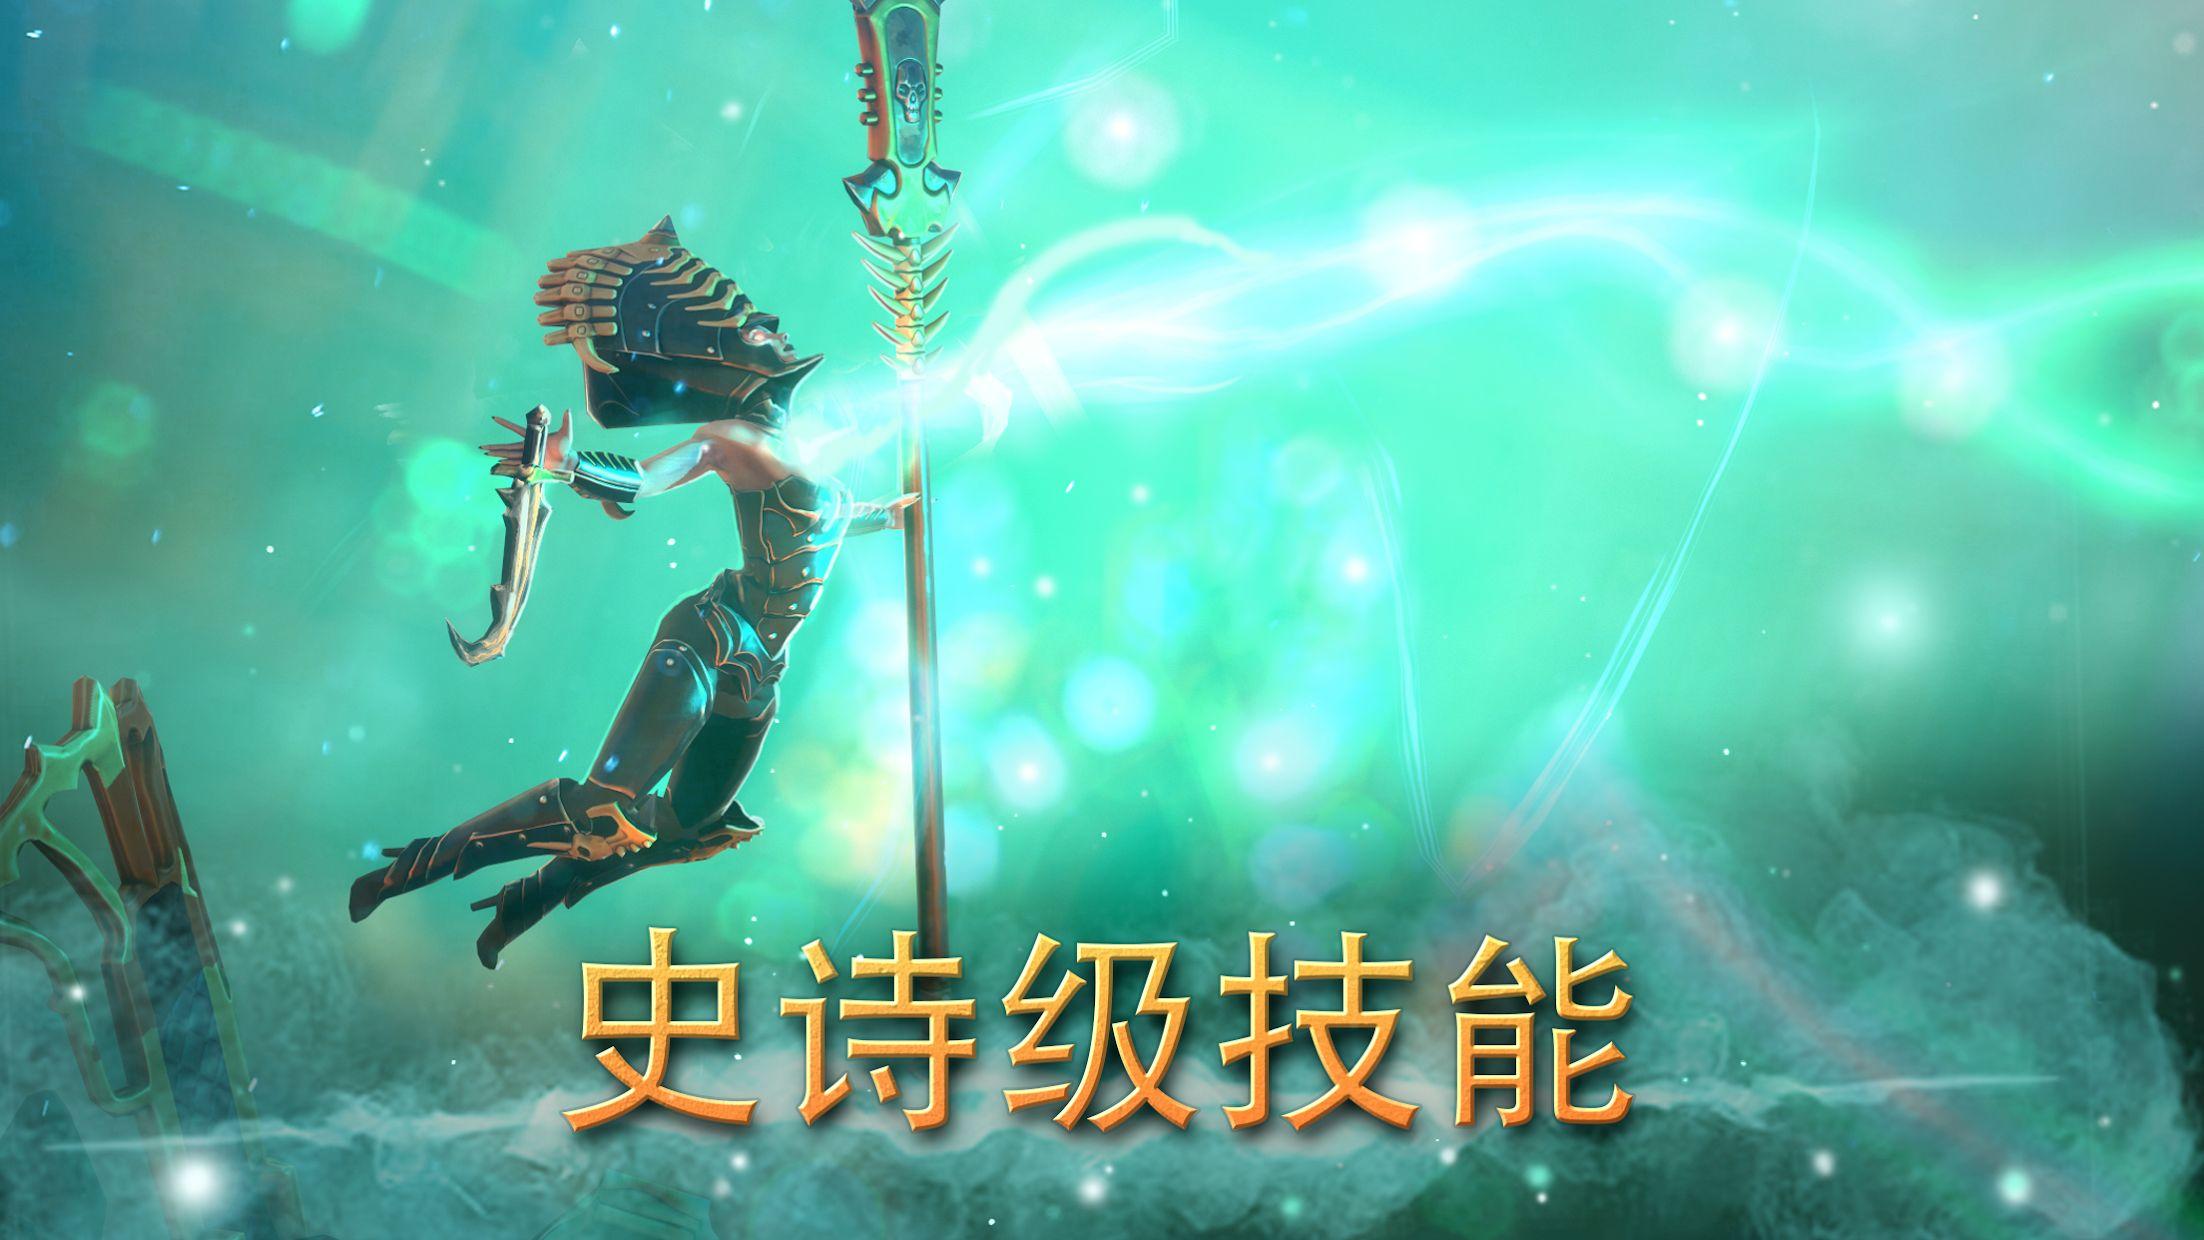 战锤时代: 领土战争 游戏截图4